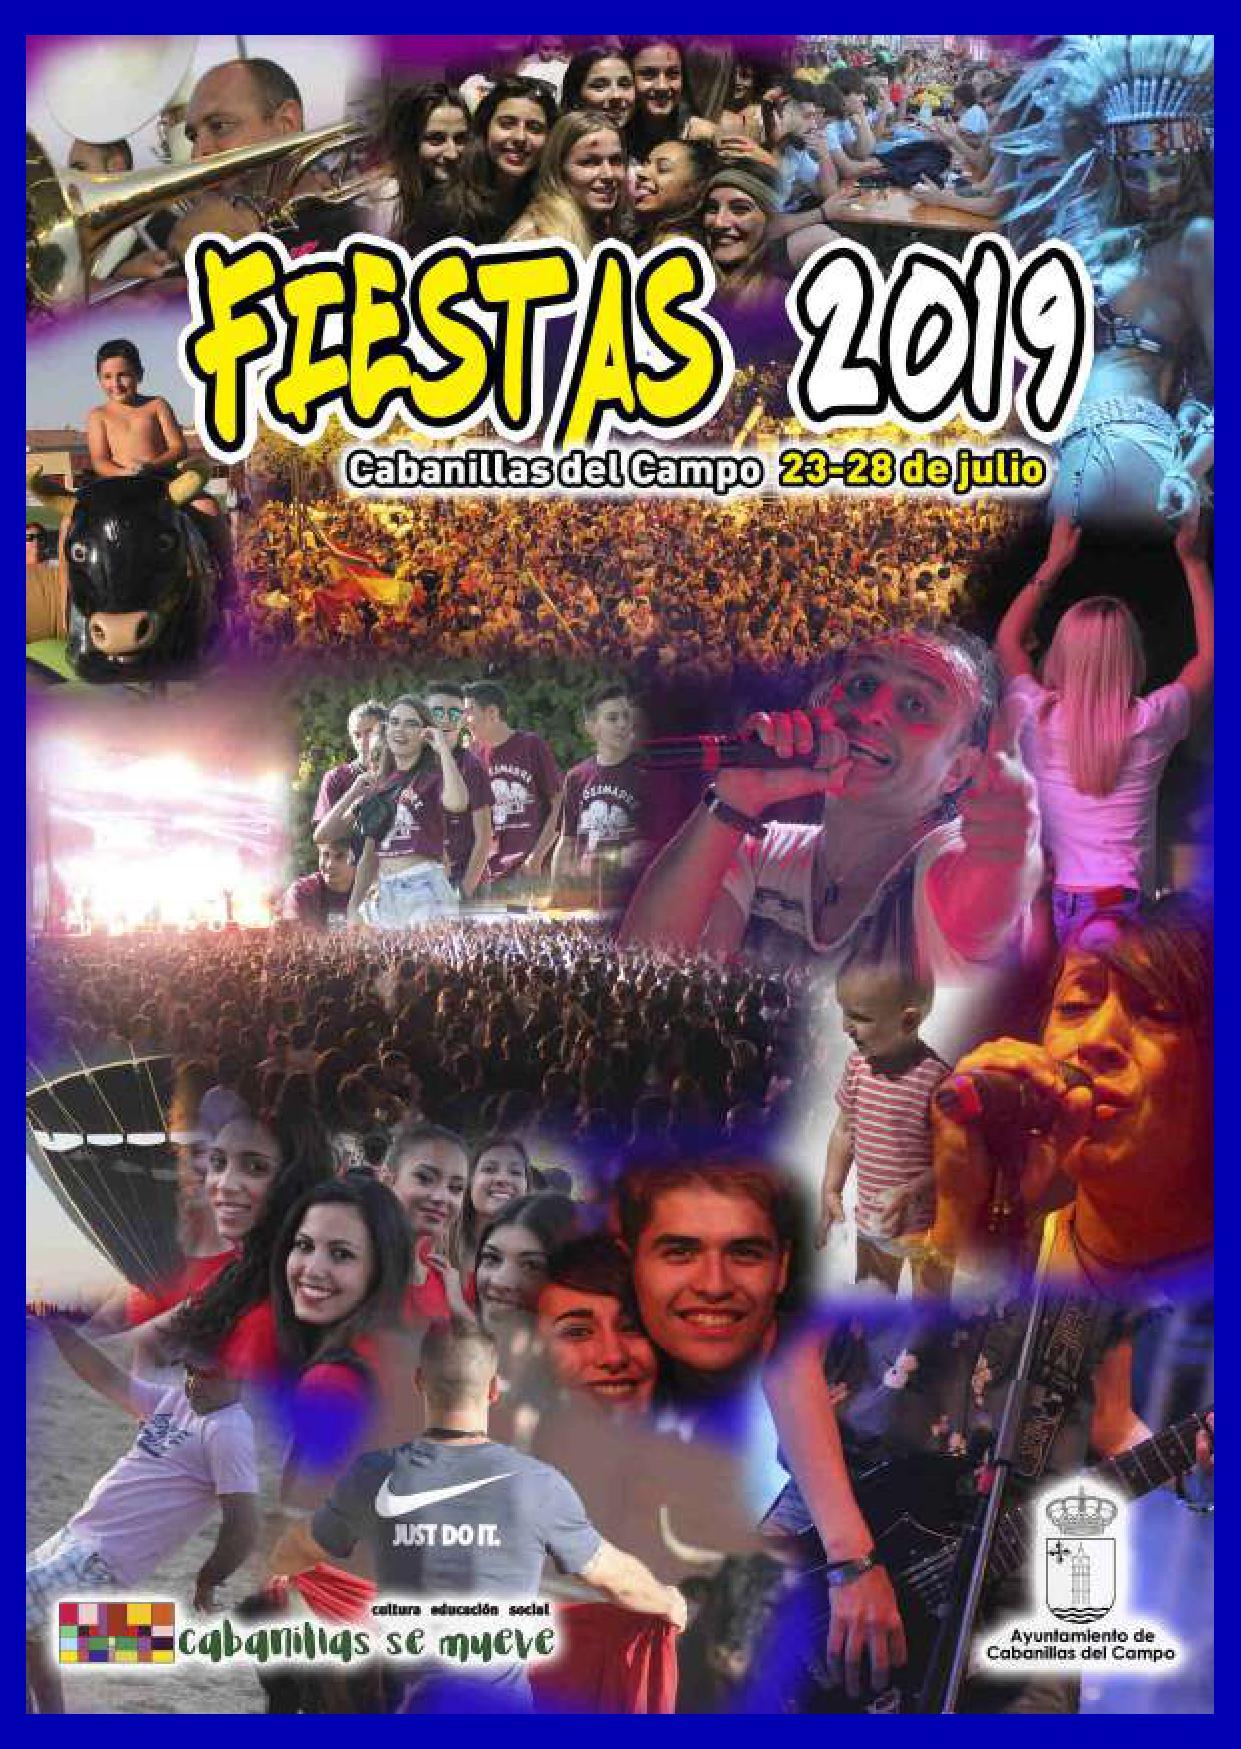 Programa de las Fiestas 2019 de Cabanillas del Campo